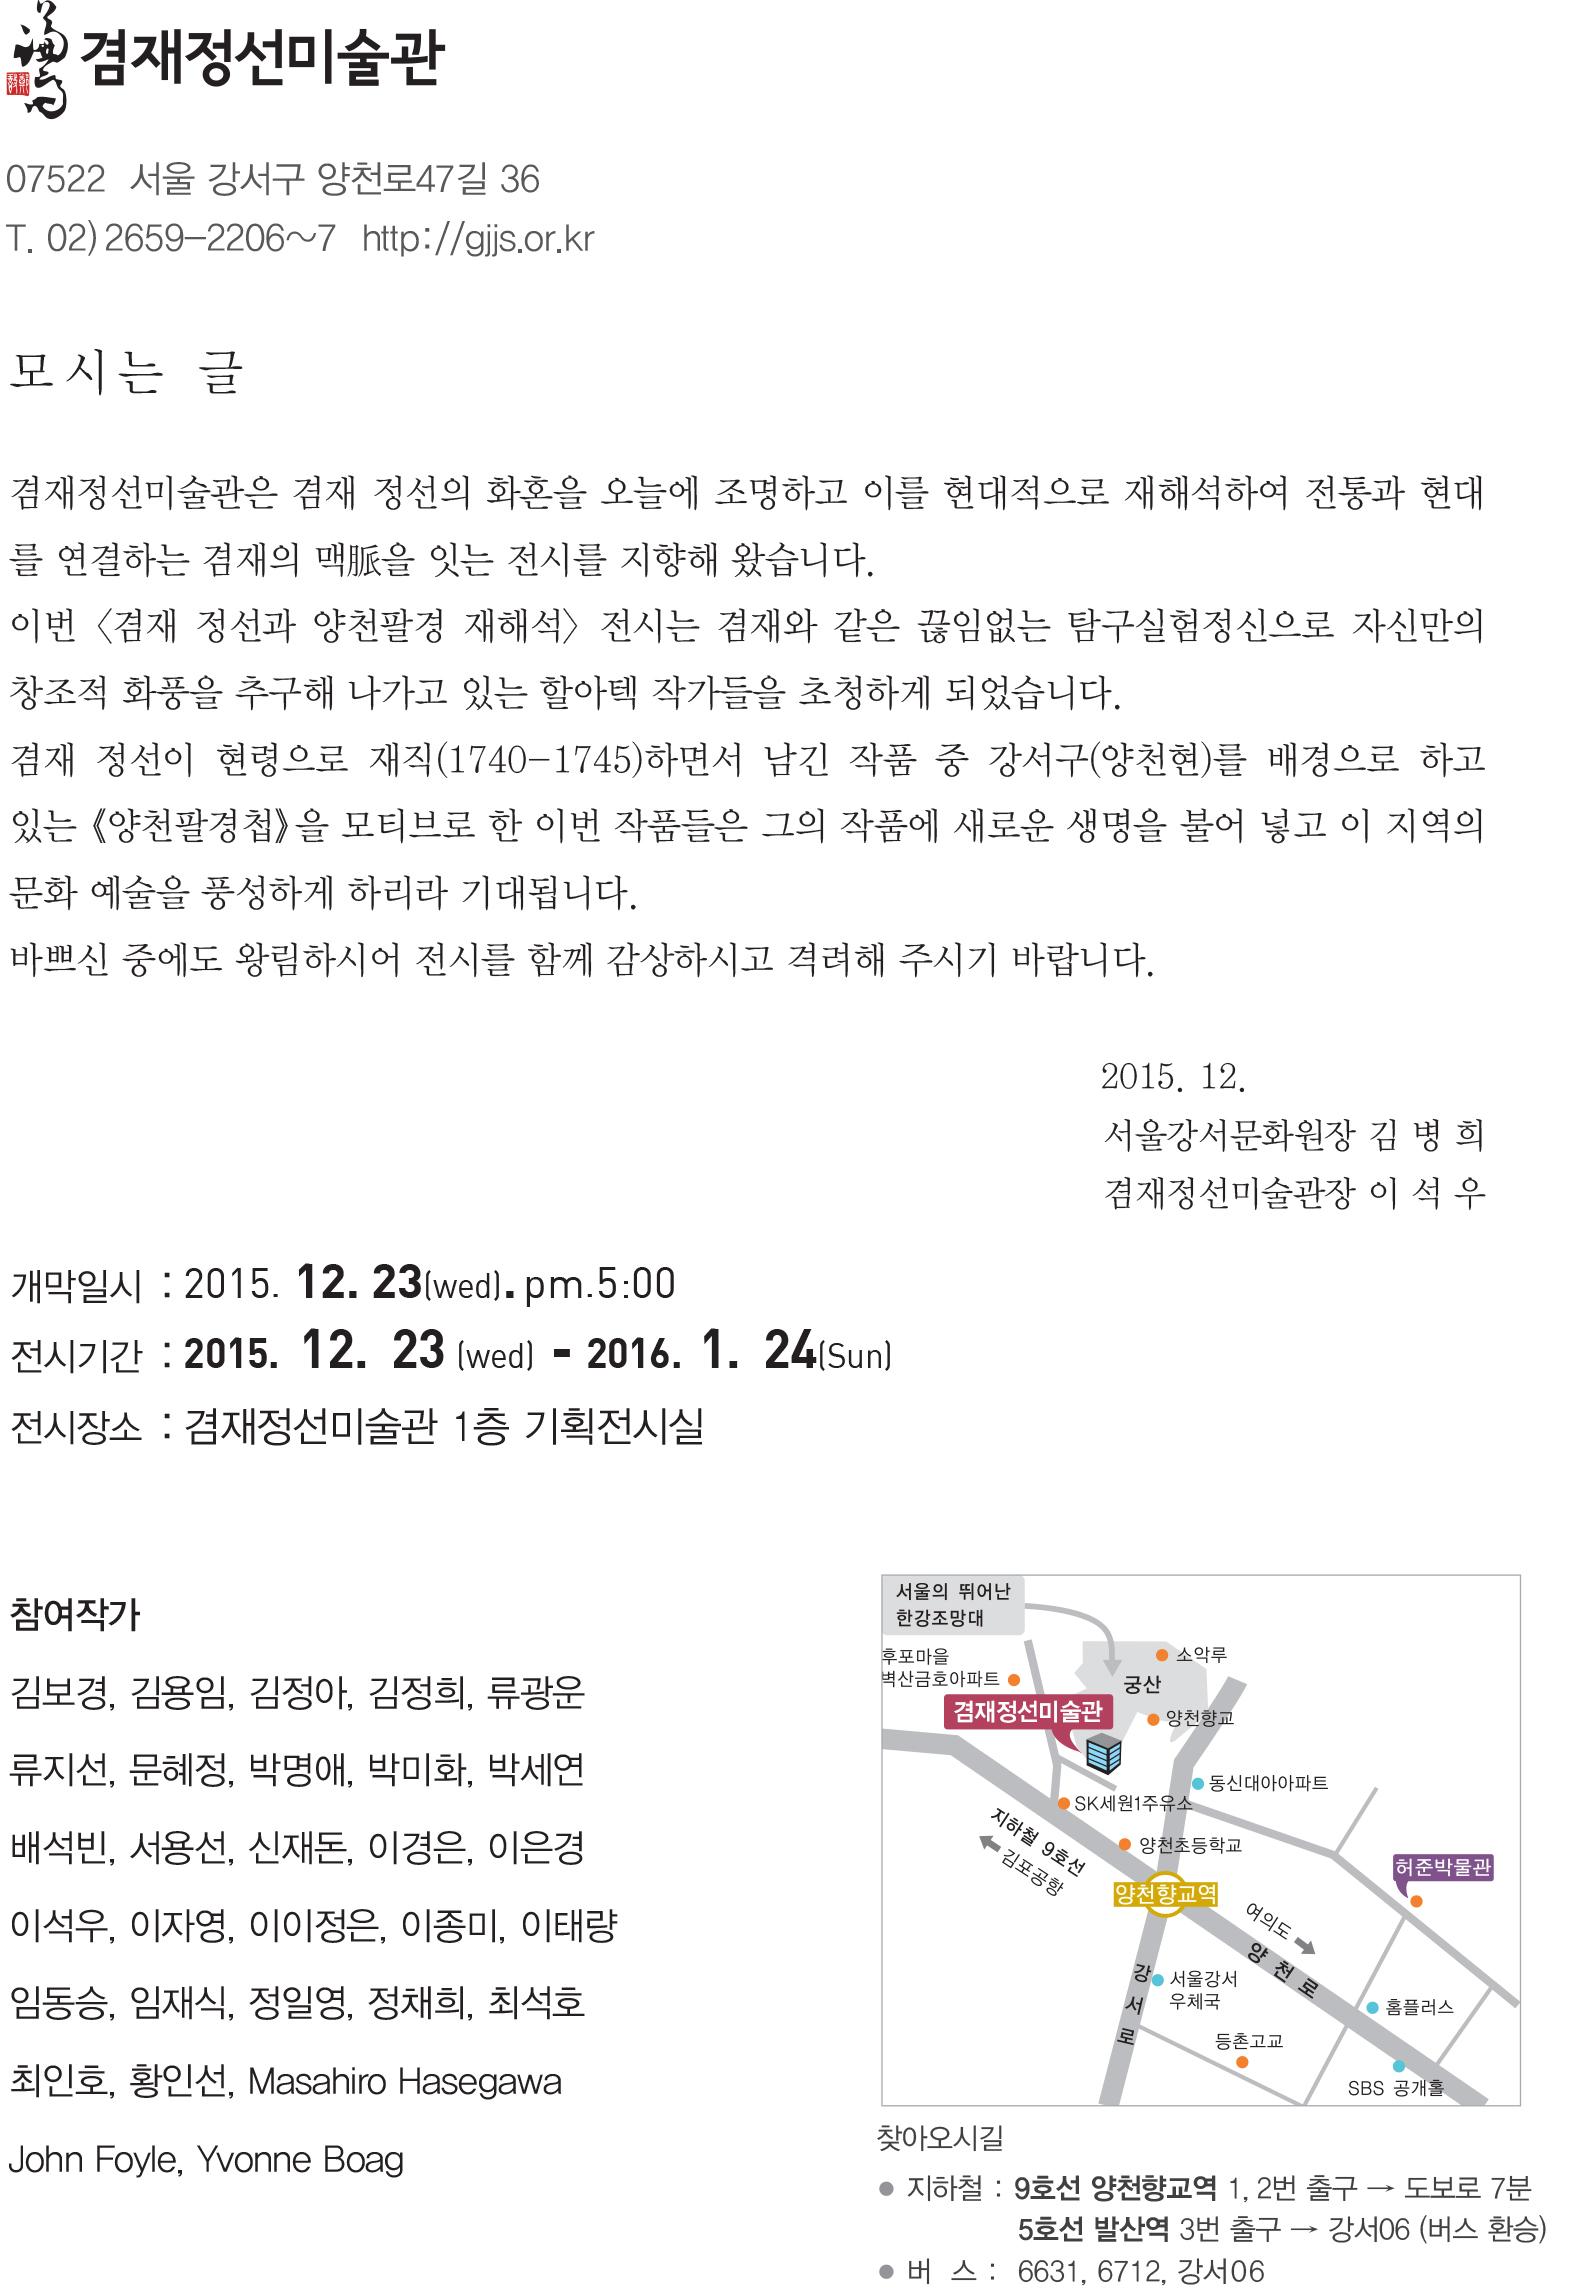 할아텍 전-초대장-2-2.jpg